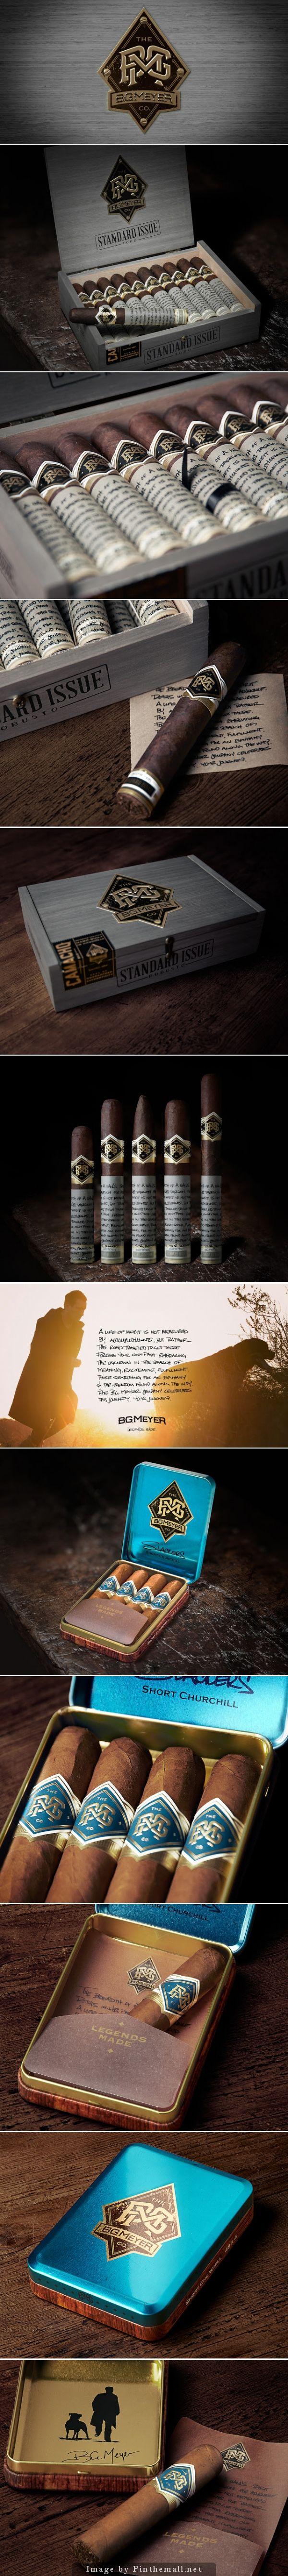 BG Meyer, Creative Agency: Colangelo Packaging Group - http://www.packagingoftheworld.com/2014/10/bg-meyer.html